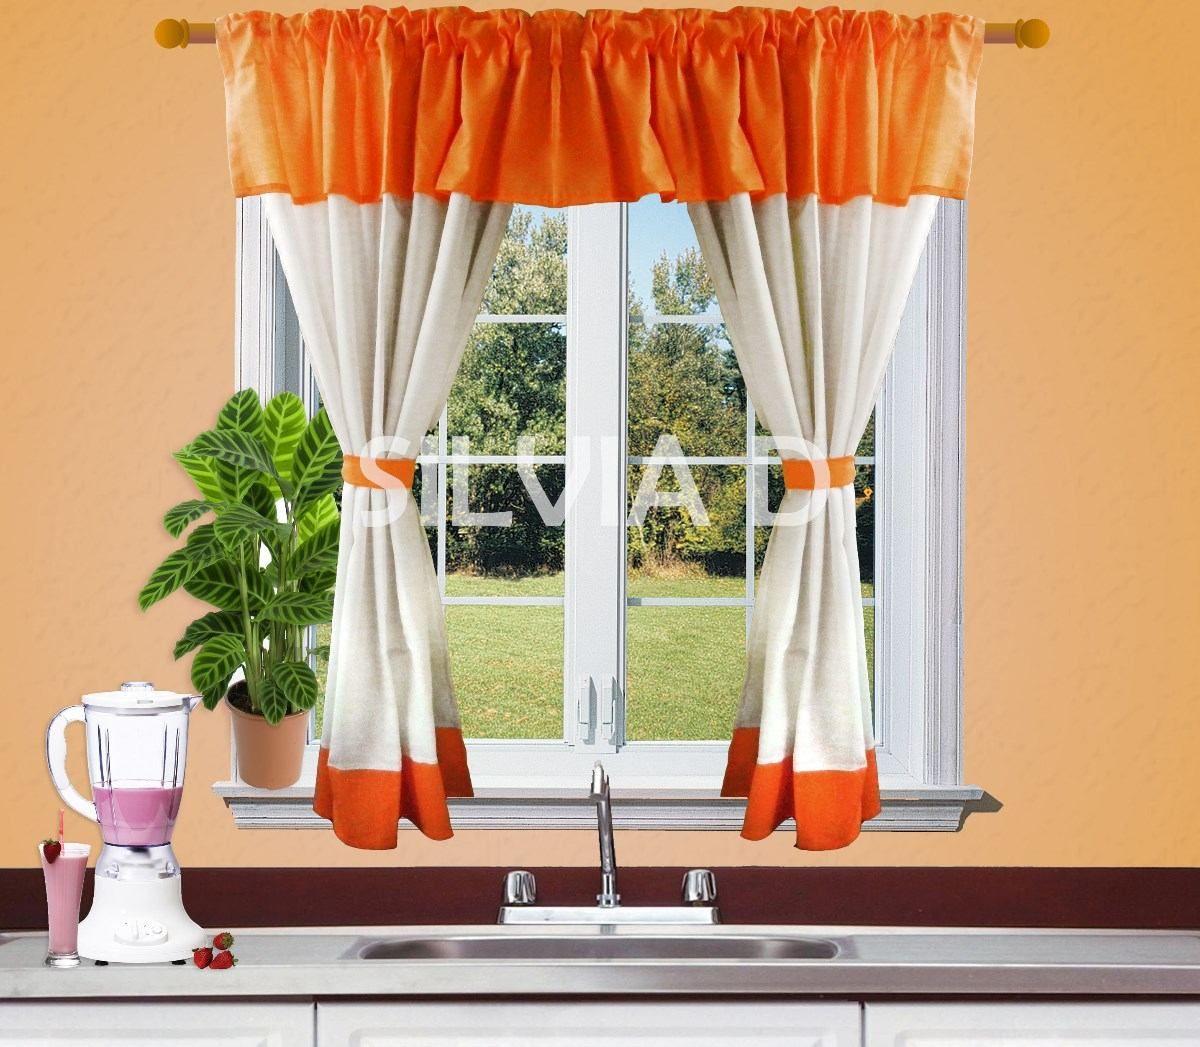 Como hacer cortinas paso a paso gratis buscar con google for Disenos de cortinas para cocinas modernas